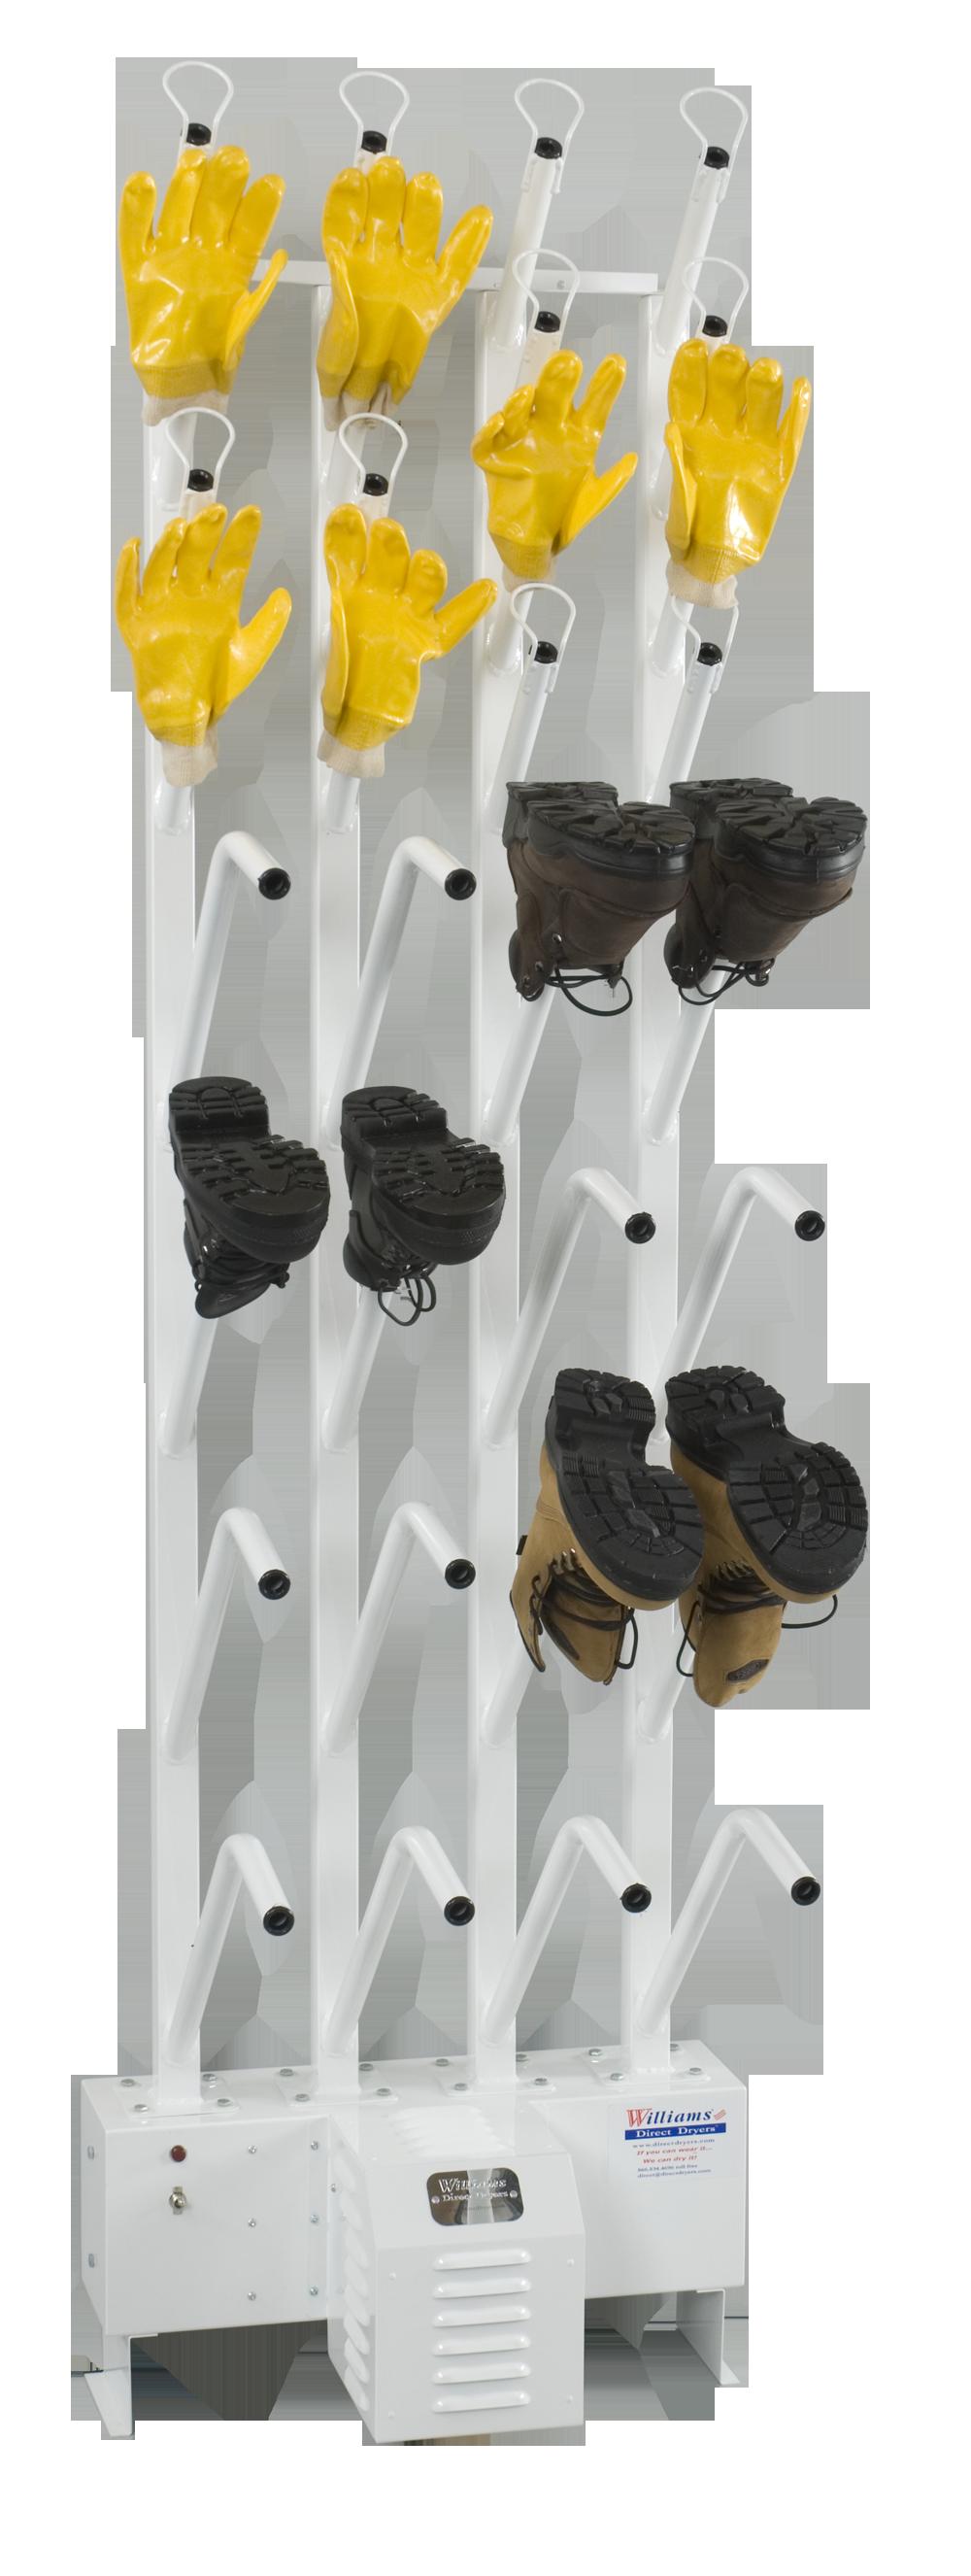 Séchoir pour bottes et pour gants  Séchoir qui remplace les paniers dans le secteur minier  Séchoir pour dry house  Séchoir pour mine dry facilities